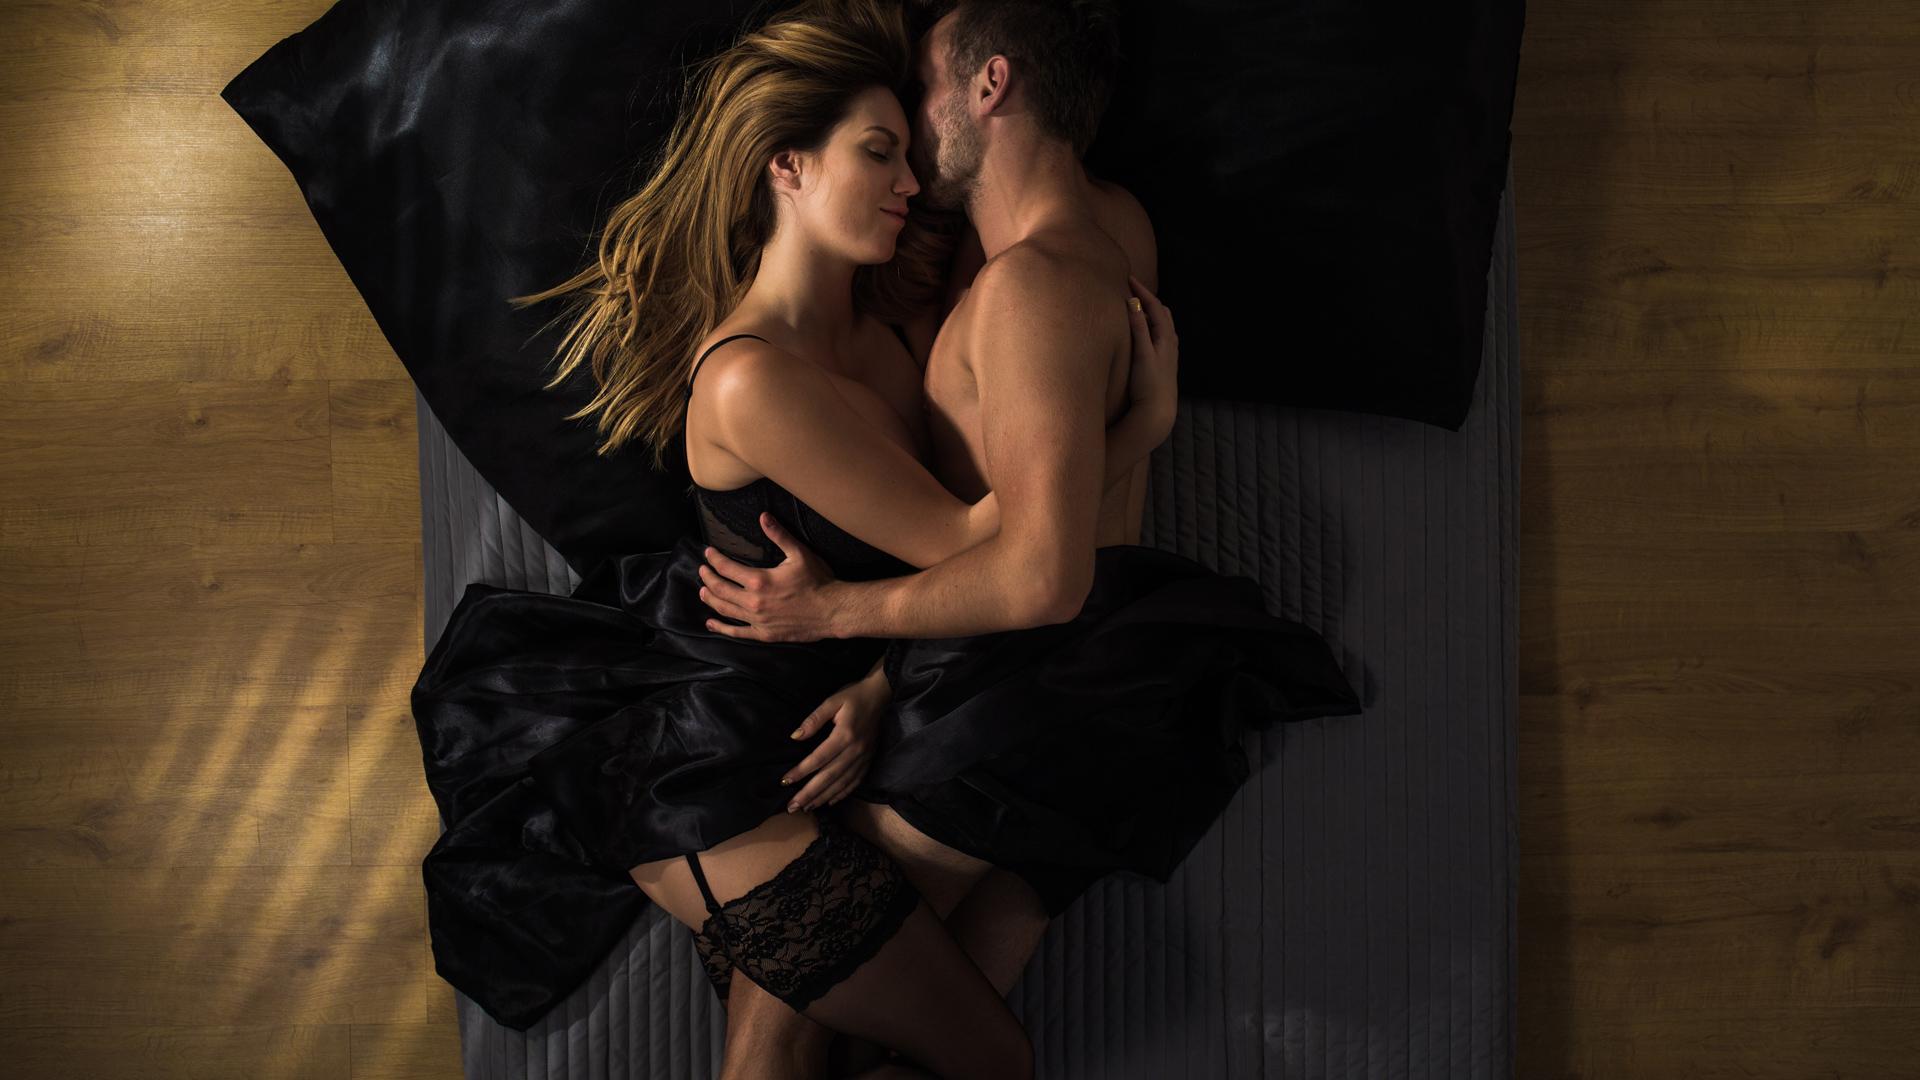 Rus Kızı Taissia İle Erotik Seks  Sex izle Rus pornoları